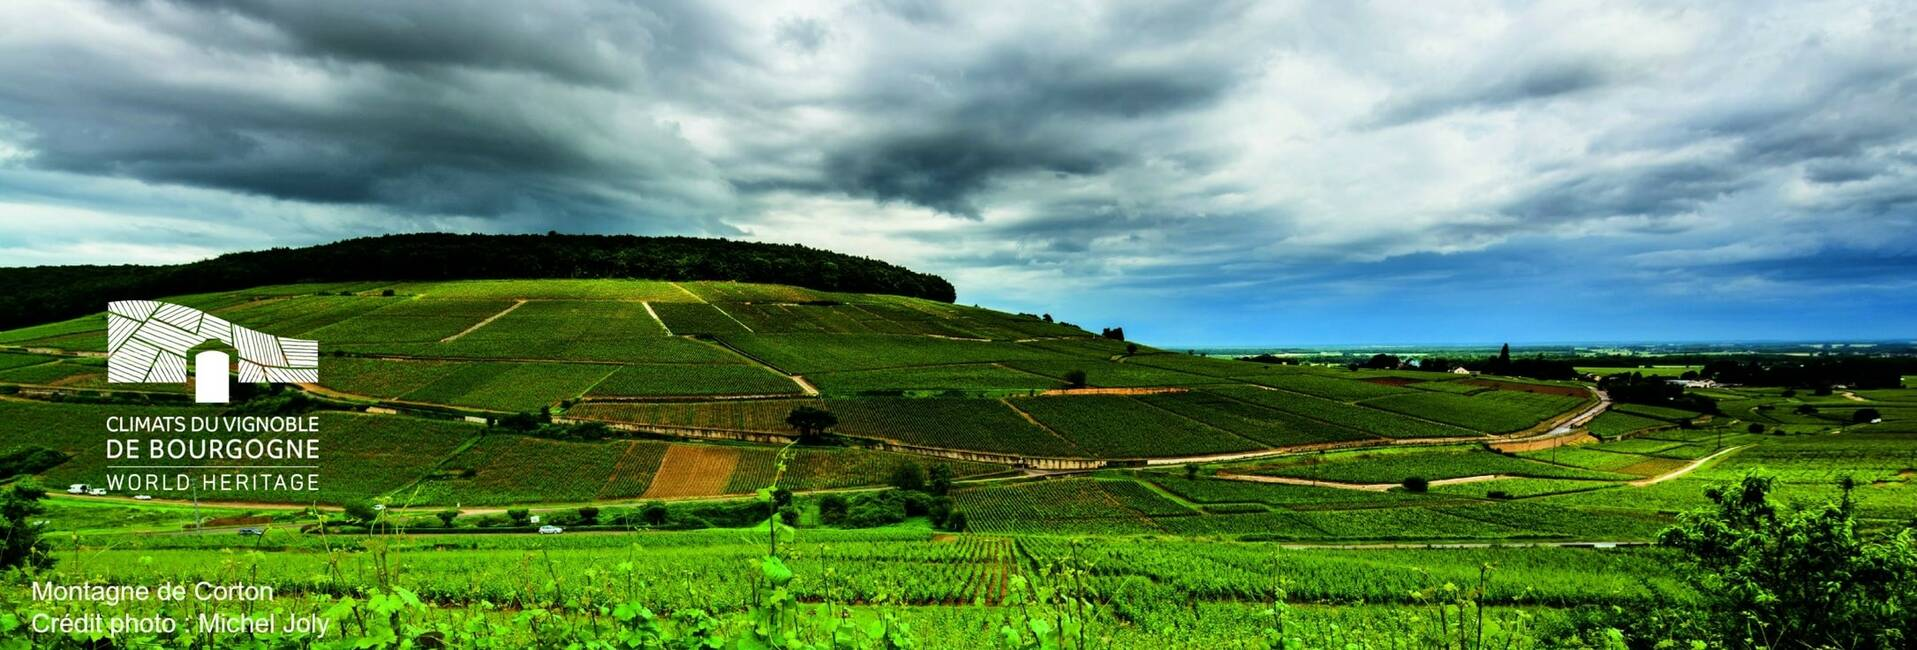 Montagne de Corton en Borgoña, Francia